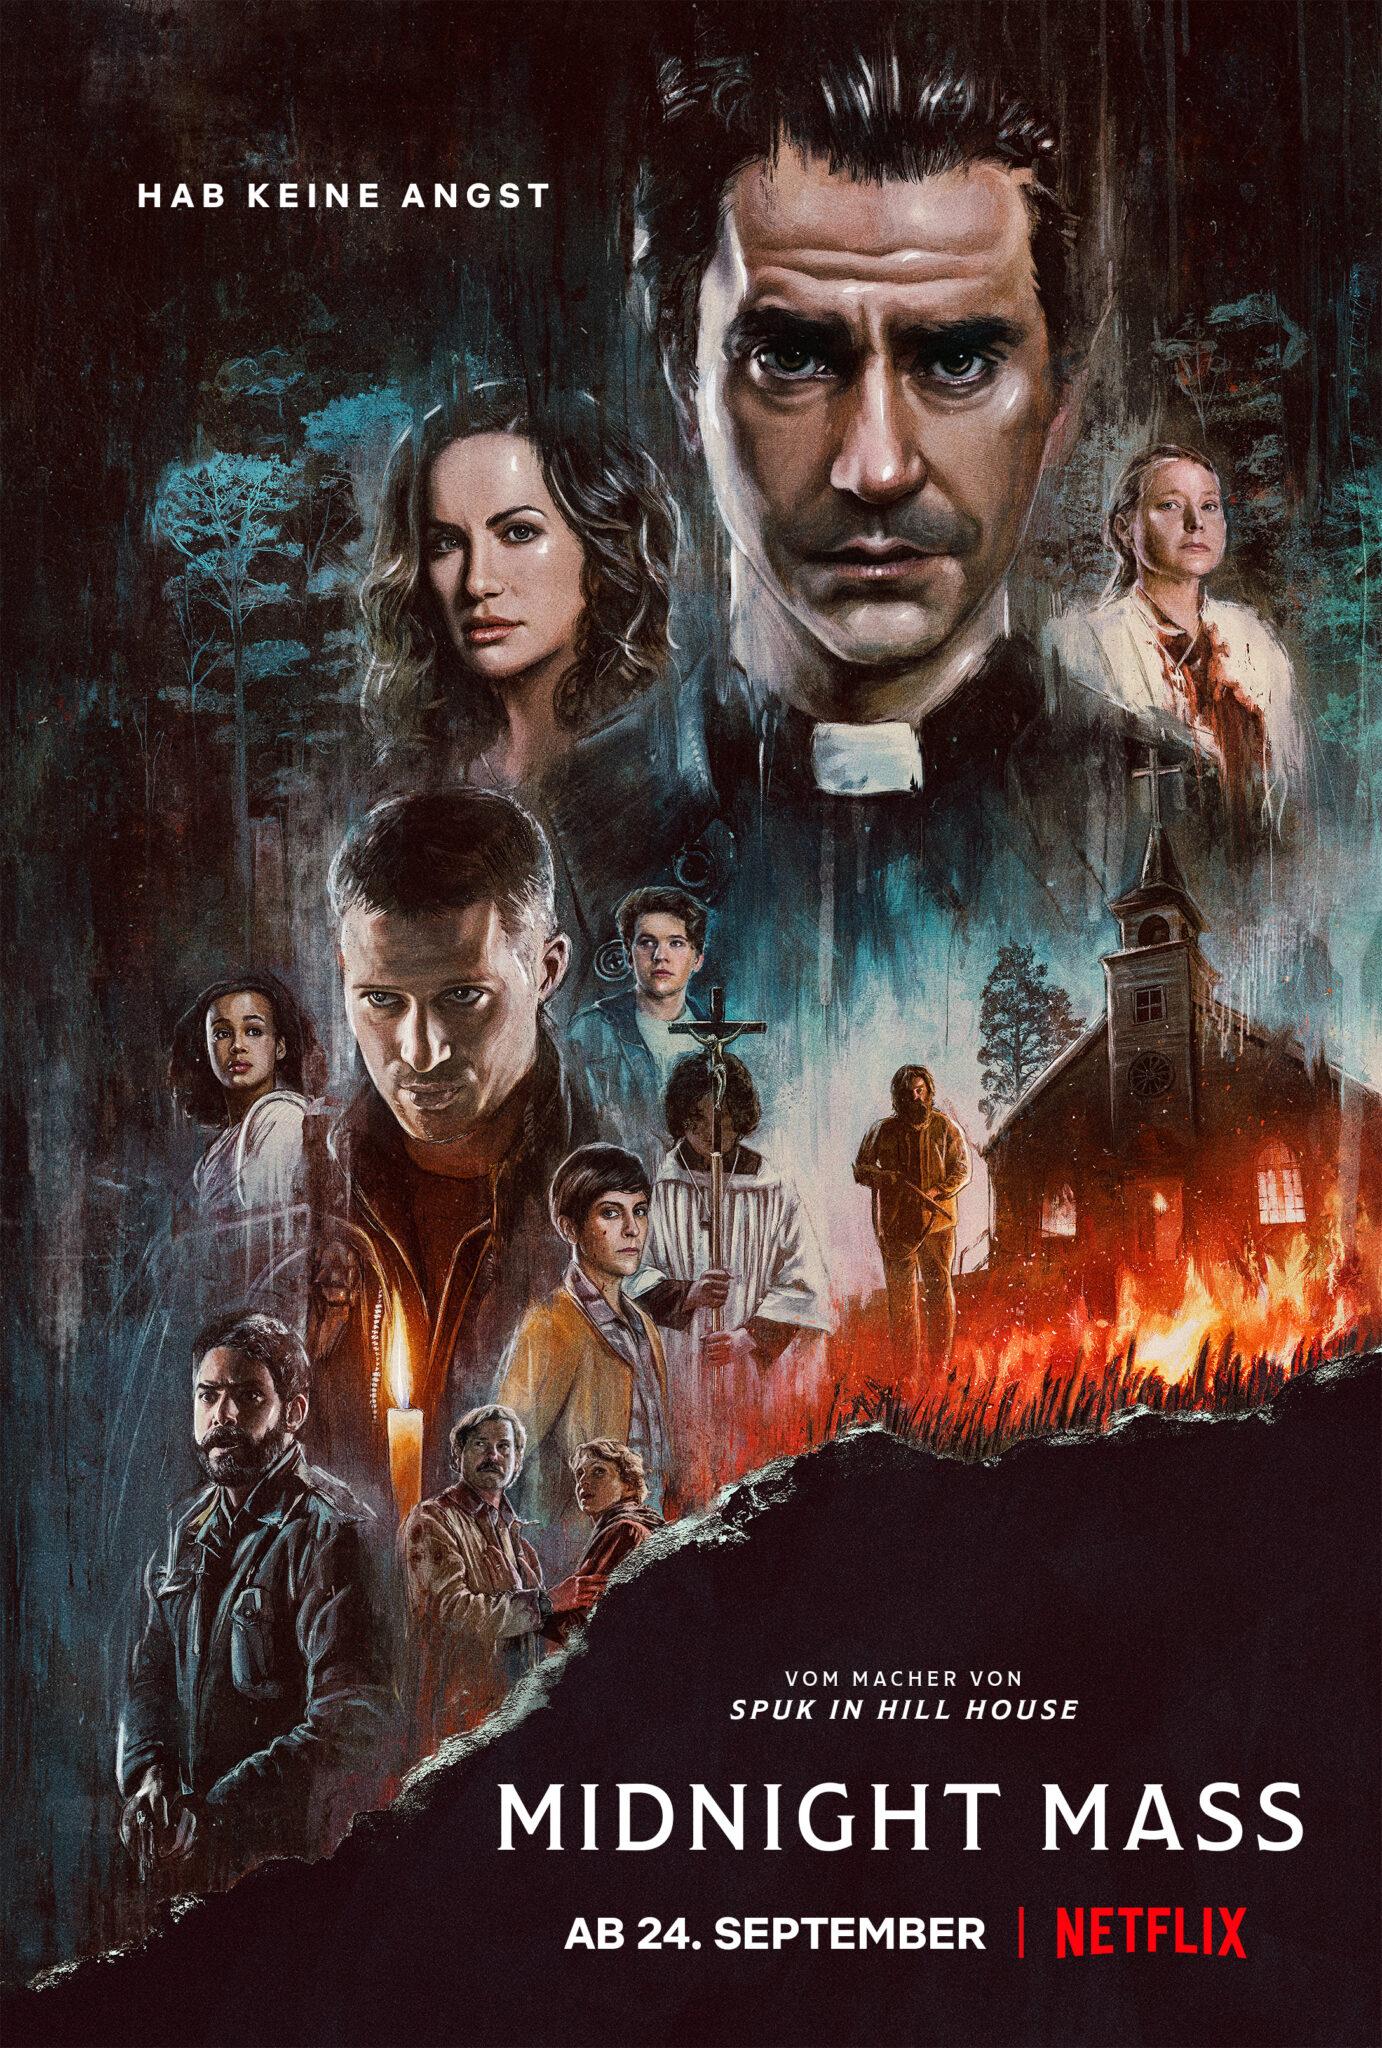 Das Poster zur Miniserie Midnight Mass zeigt einige der wichtigen Personen in gezeichneter Optik und ein brennendes Kirchengebäude.